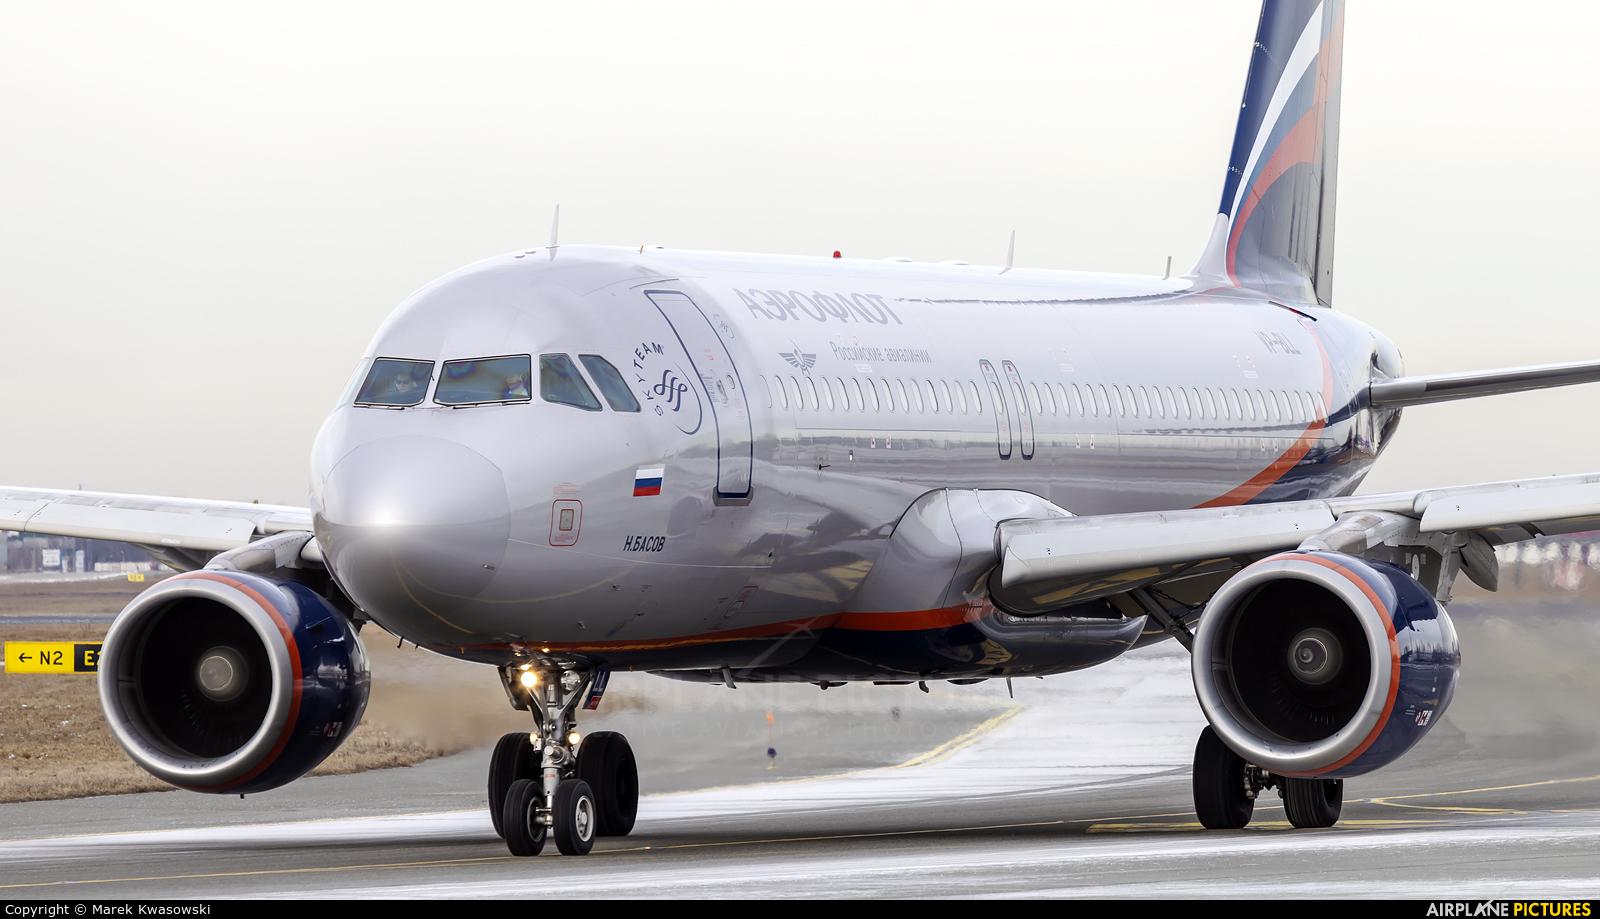 Aeroflot VP-BLL aircraft at Warsaw - Frederic Chopin